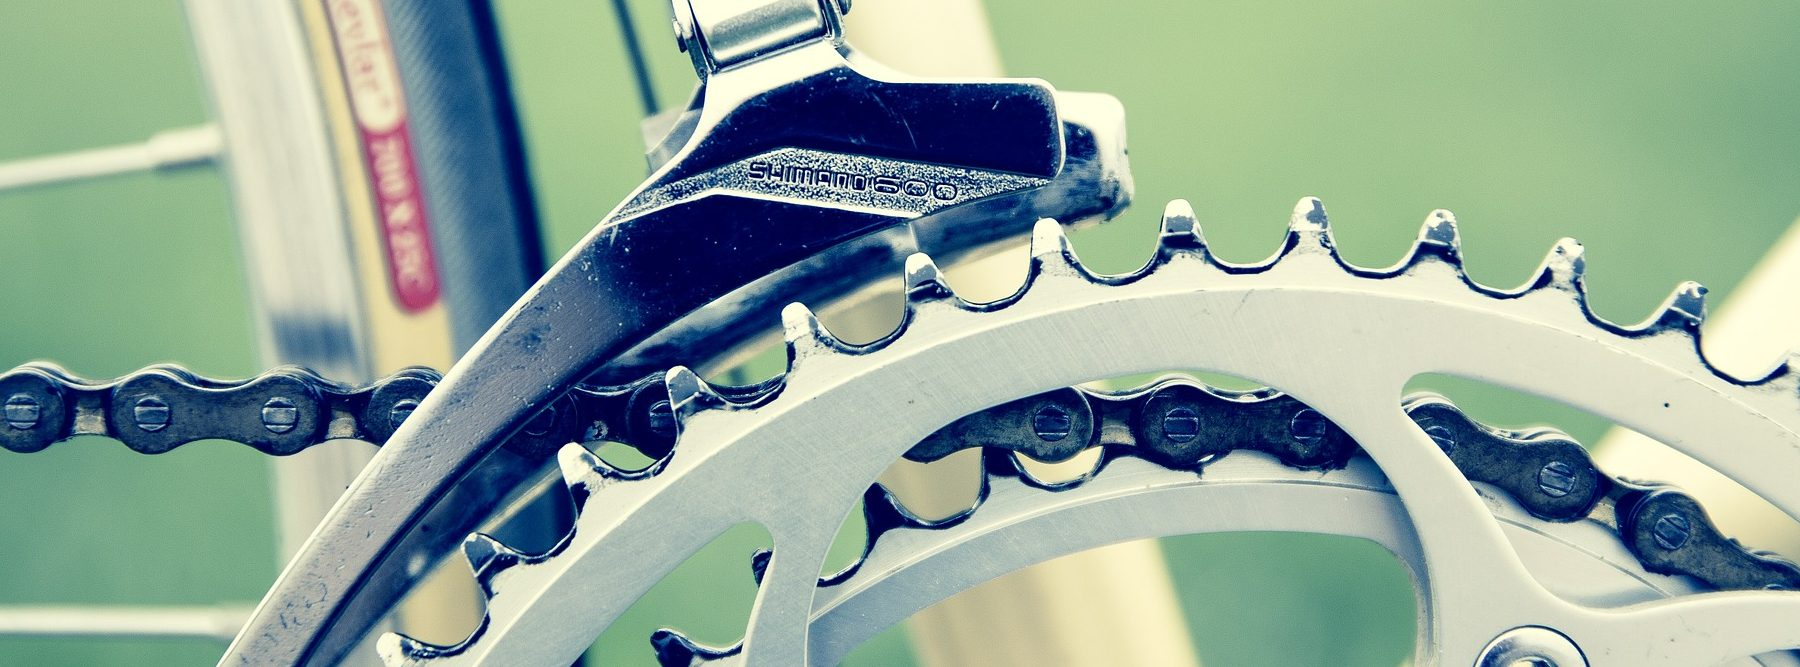 Telefónica presenta Movistar Virtual Cycling, un software para disfrutar del ciclismo desde casa